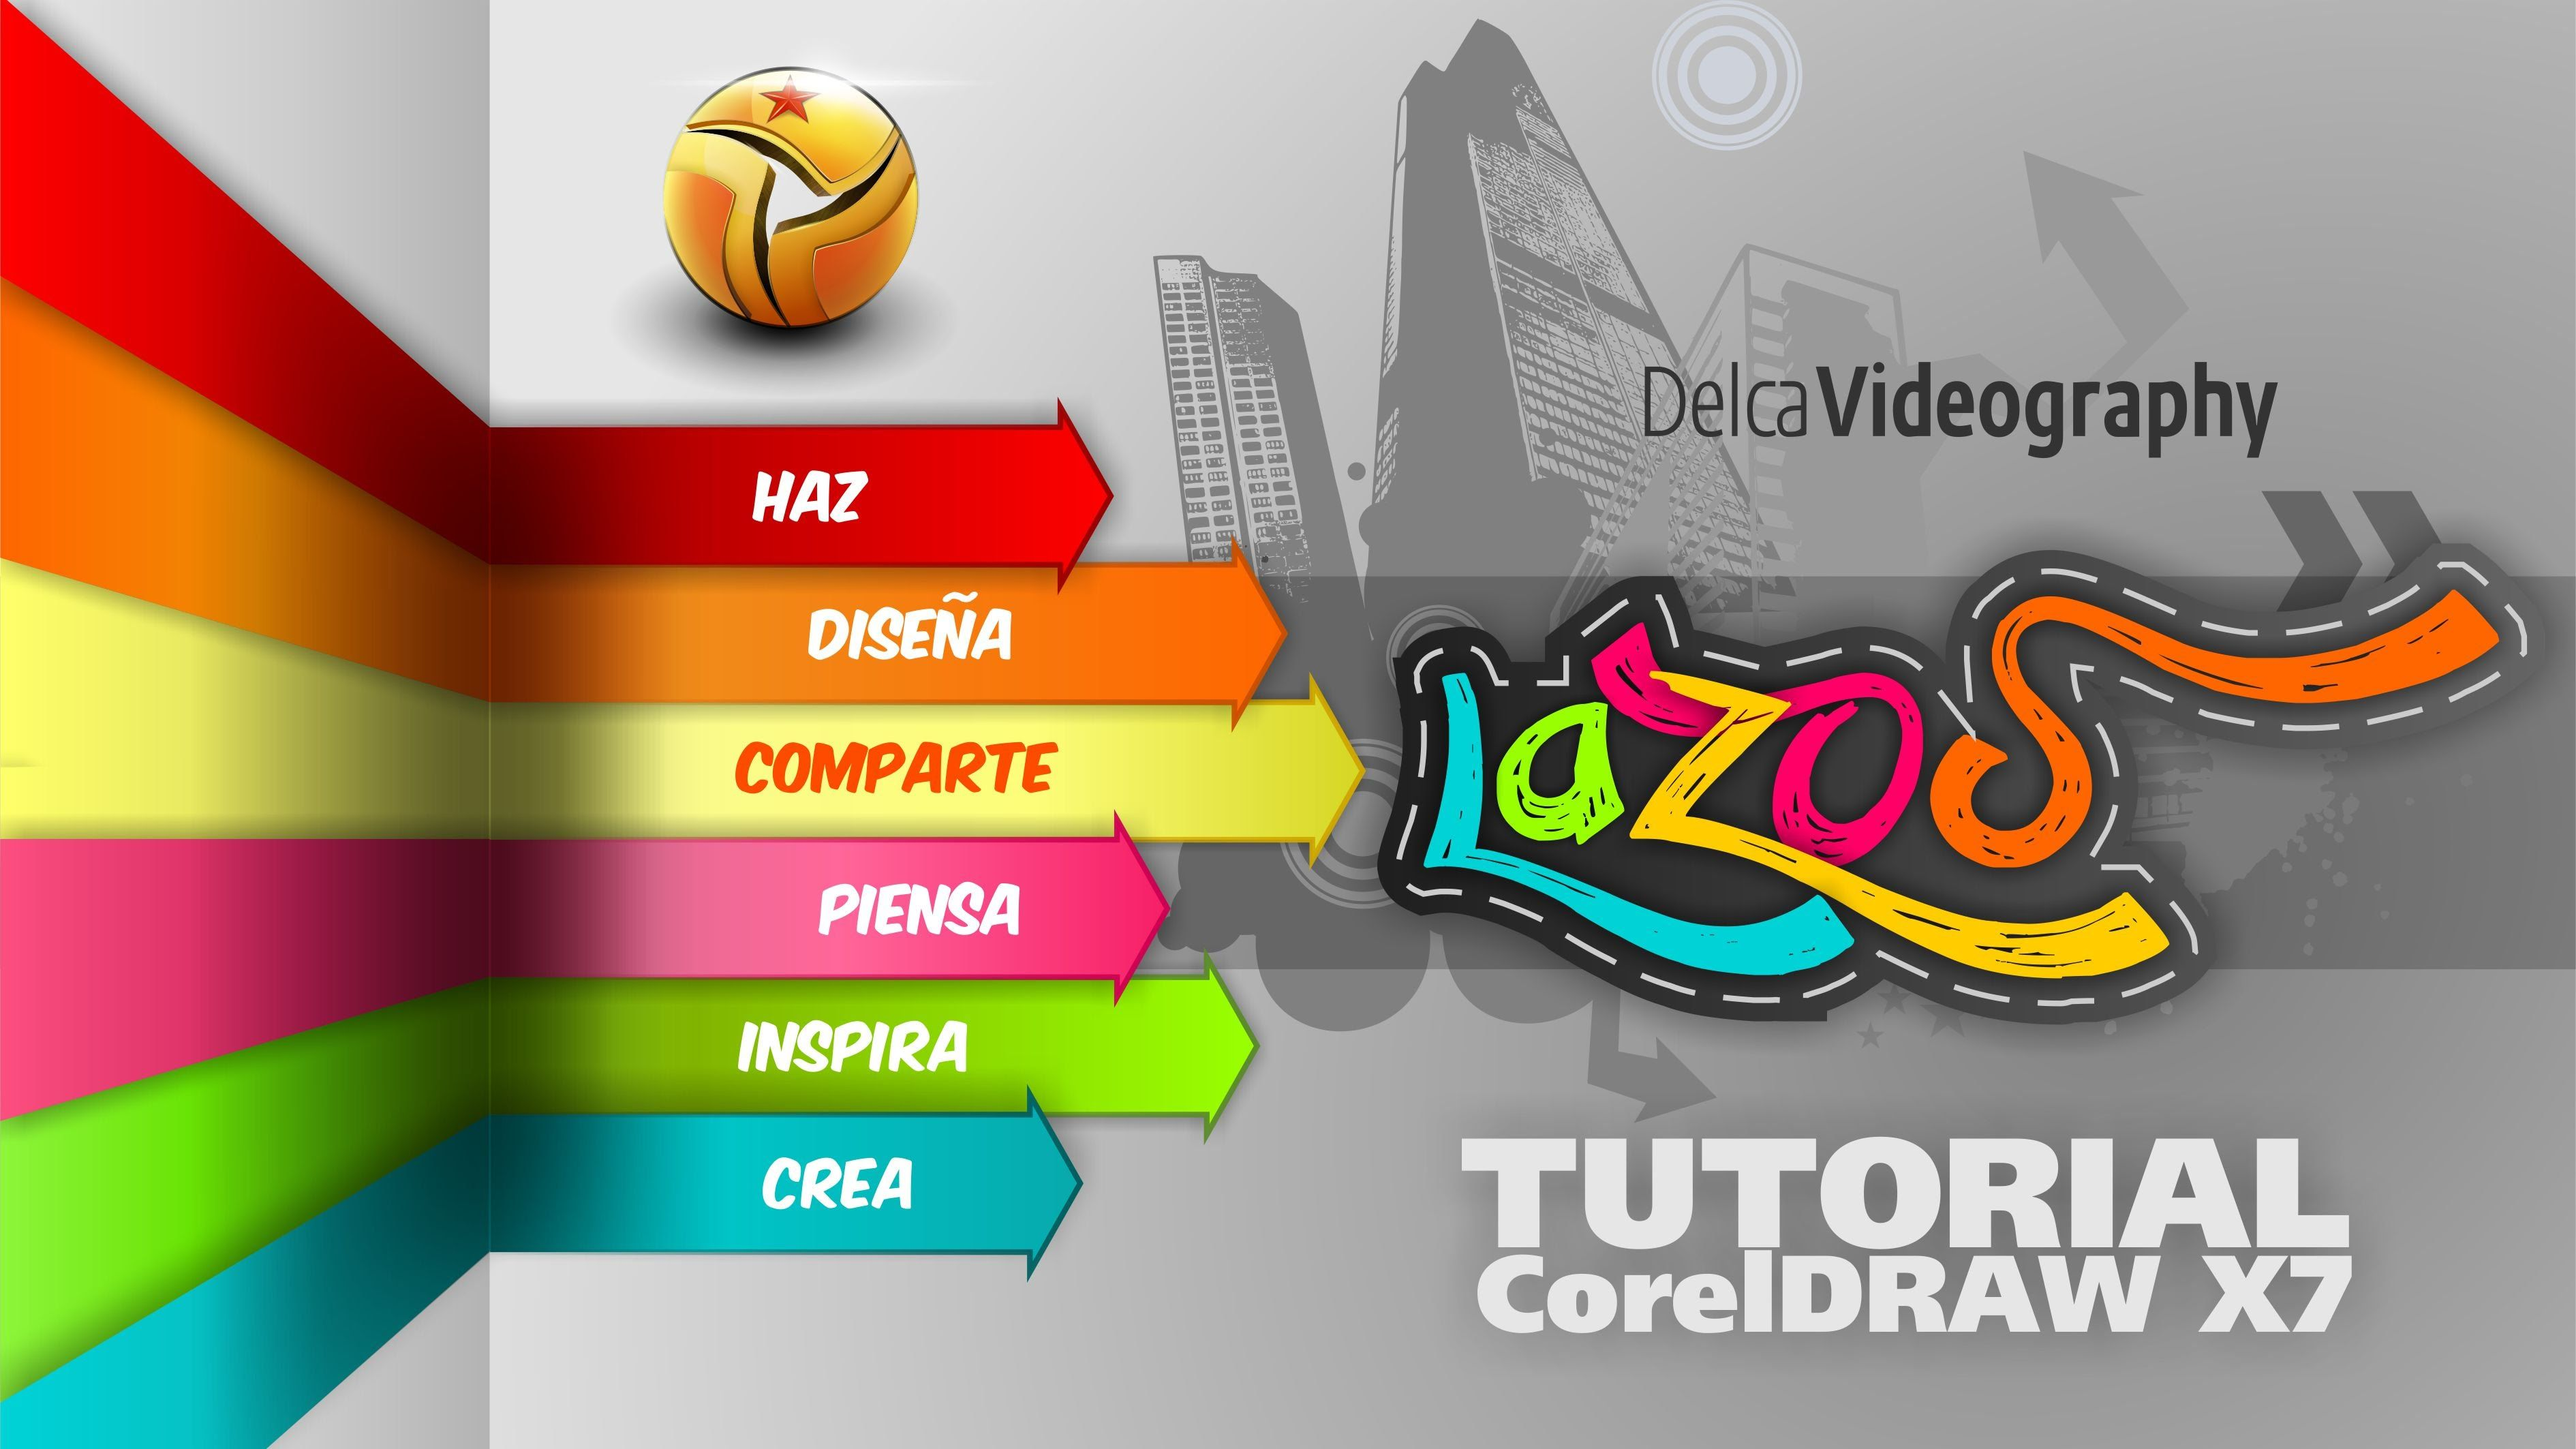 Poster design using coreldraw tutorial - Coreldraw Tutorials Youtube Watches